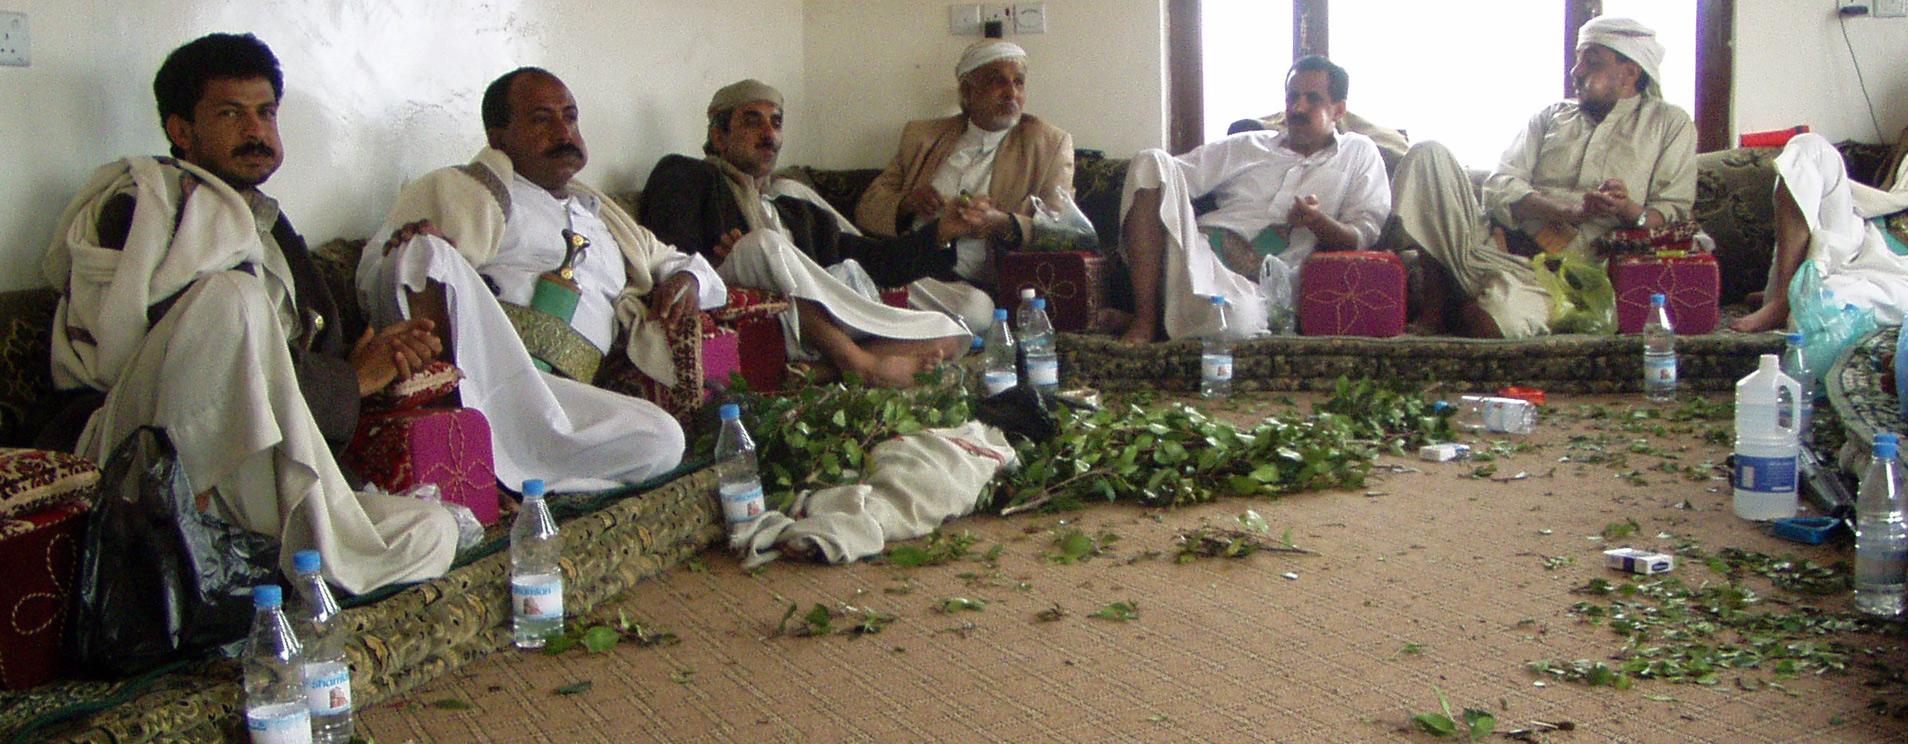 Stammesmännerbeim nachmittäglichen Qatkauen